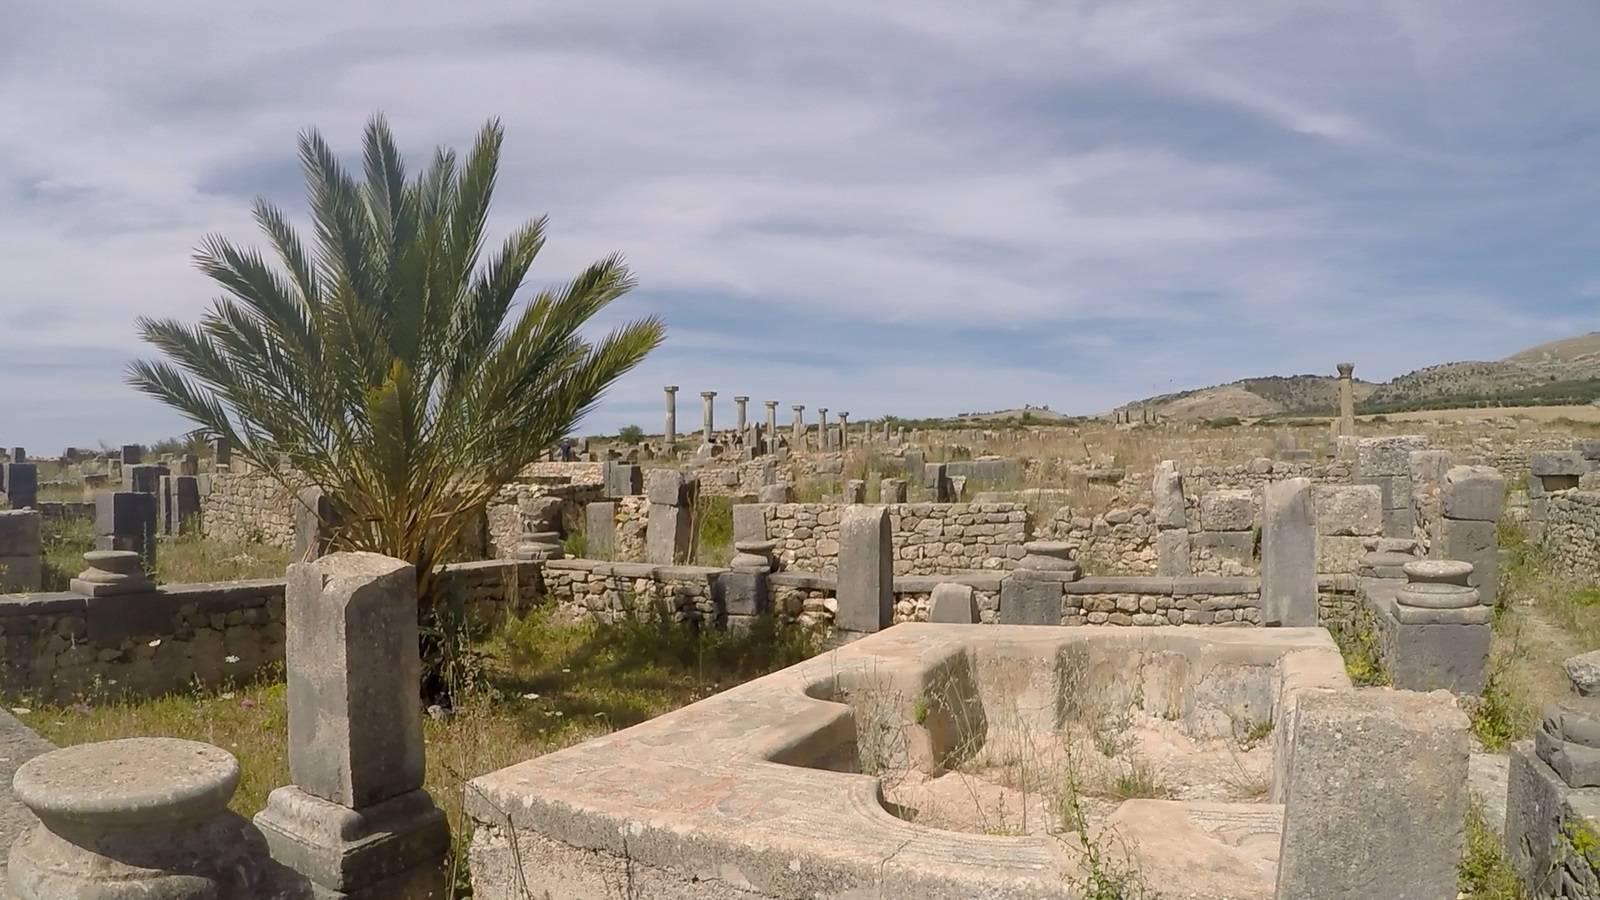 Photo 2: Volubilis - Ruines romaines au Maroc